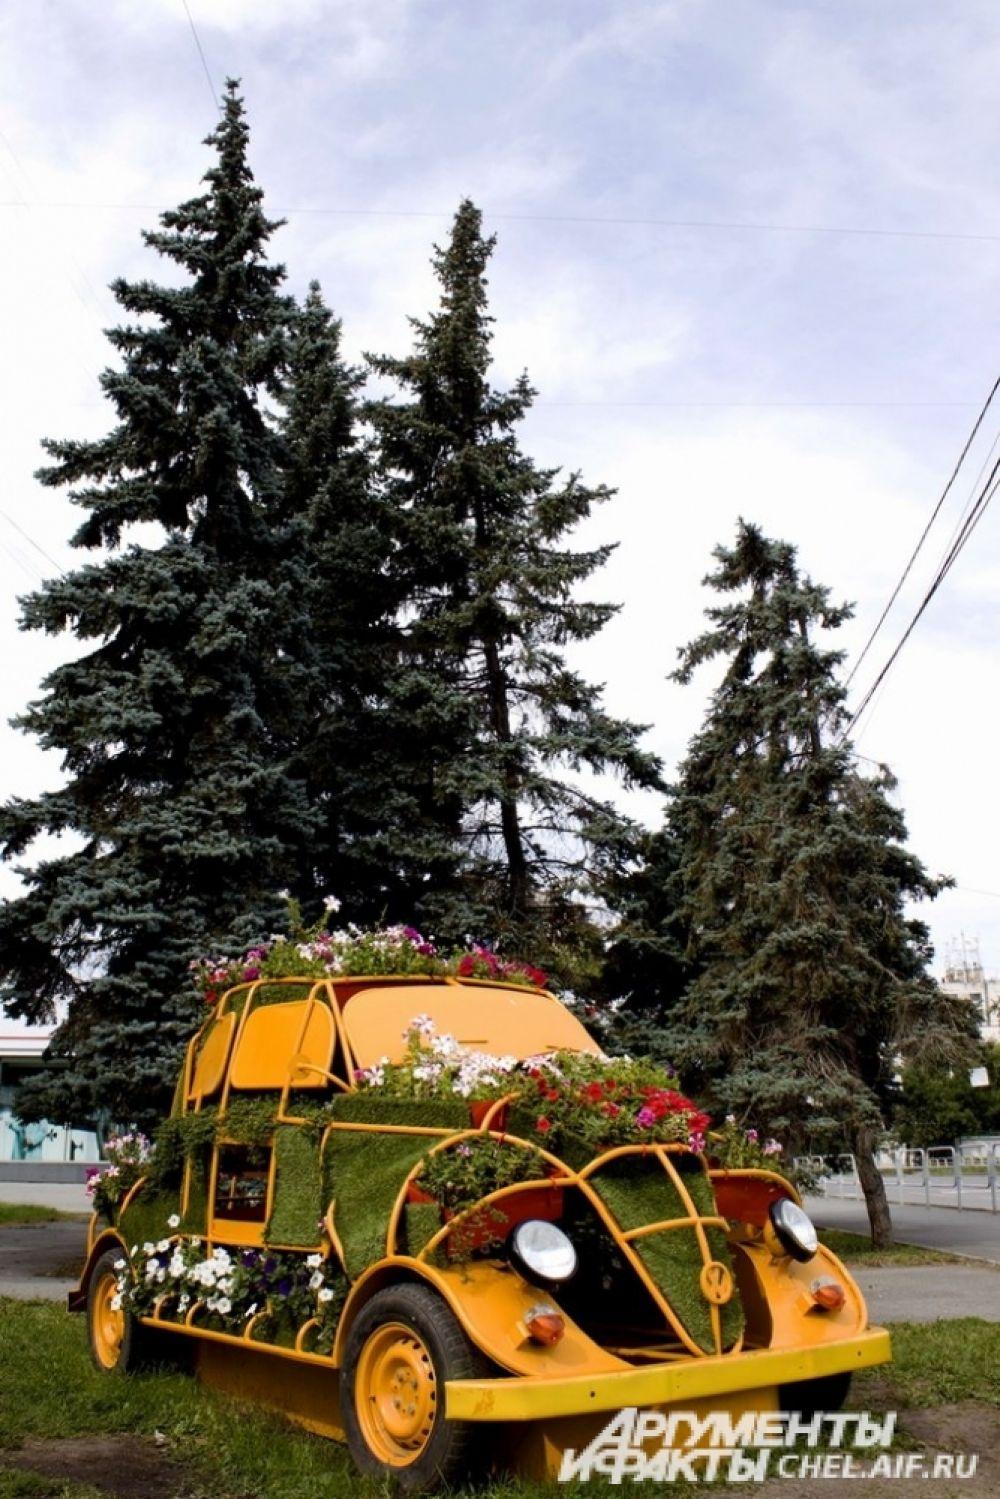 Экомашина-клумба установлена на перекрёстке улицы Володарского и проспекта Ленина.